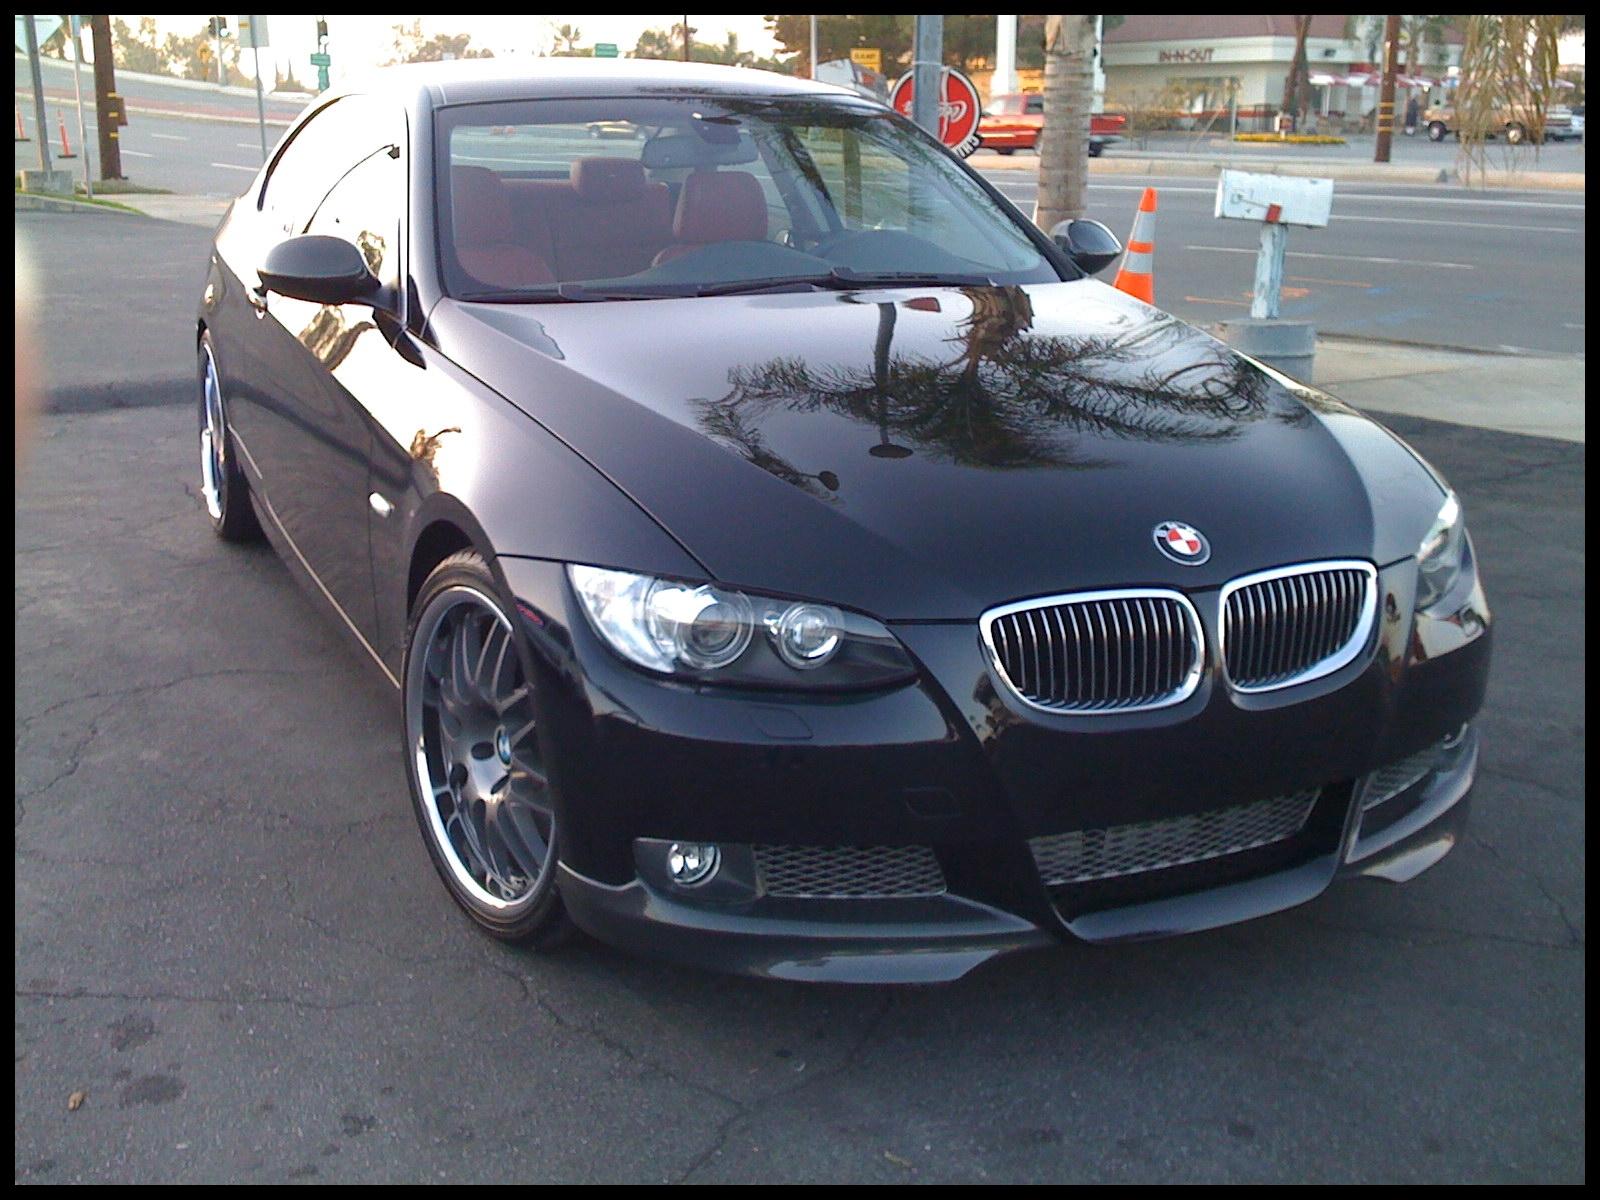 2008 BMW 335i Coupe JB3 1 22